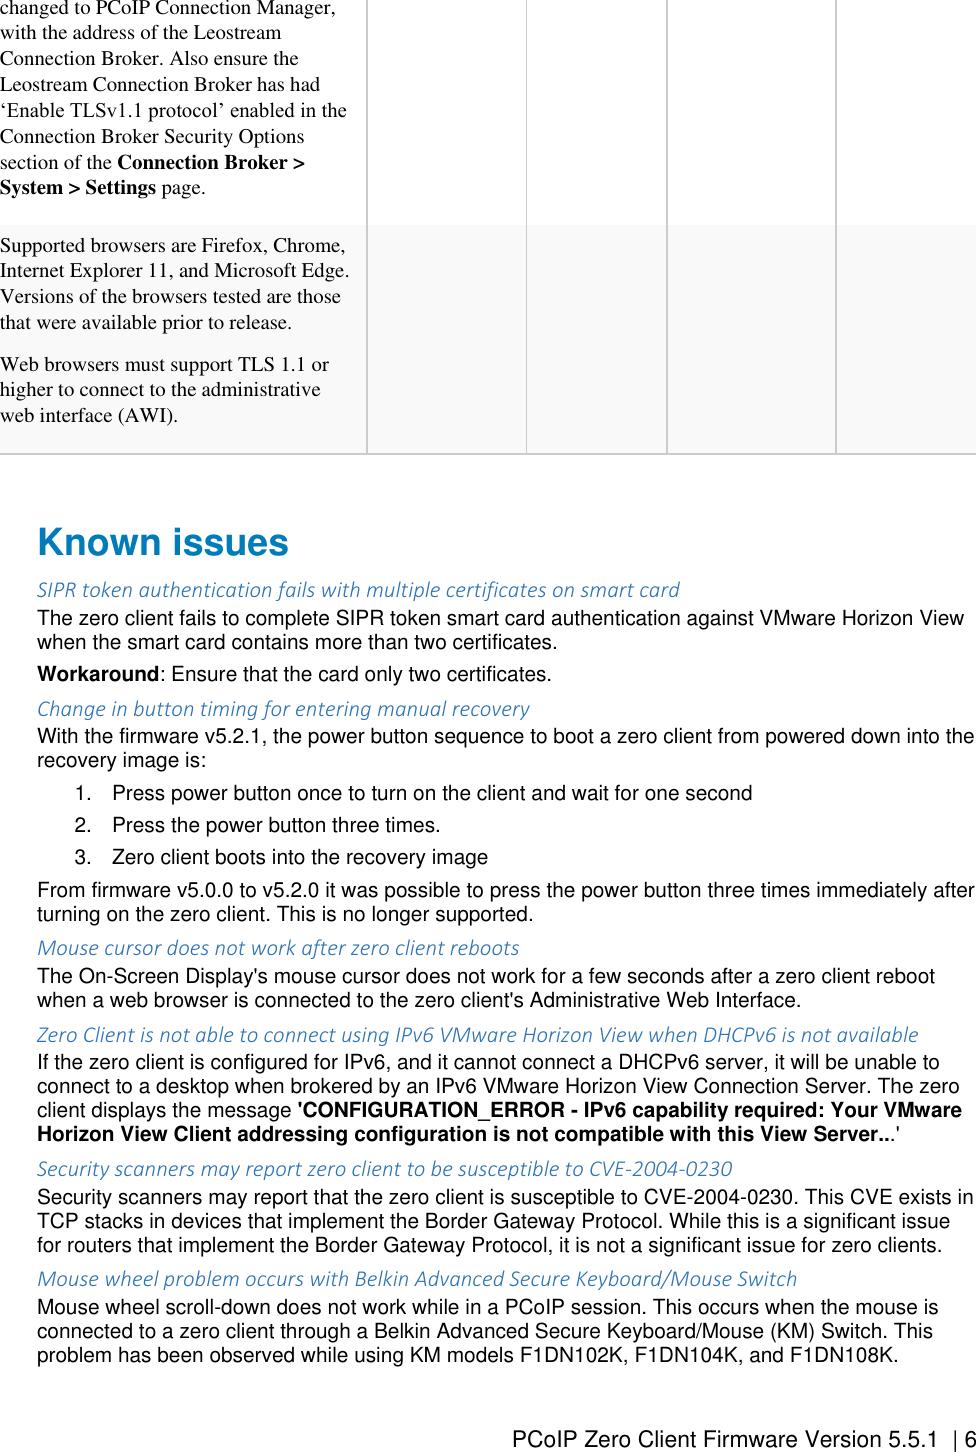 Dell Wyse 5050 aio PCoIP Zero Client Firmware Version 5 5 1